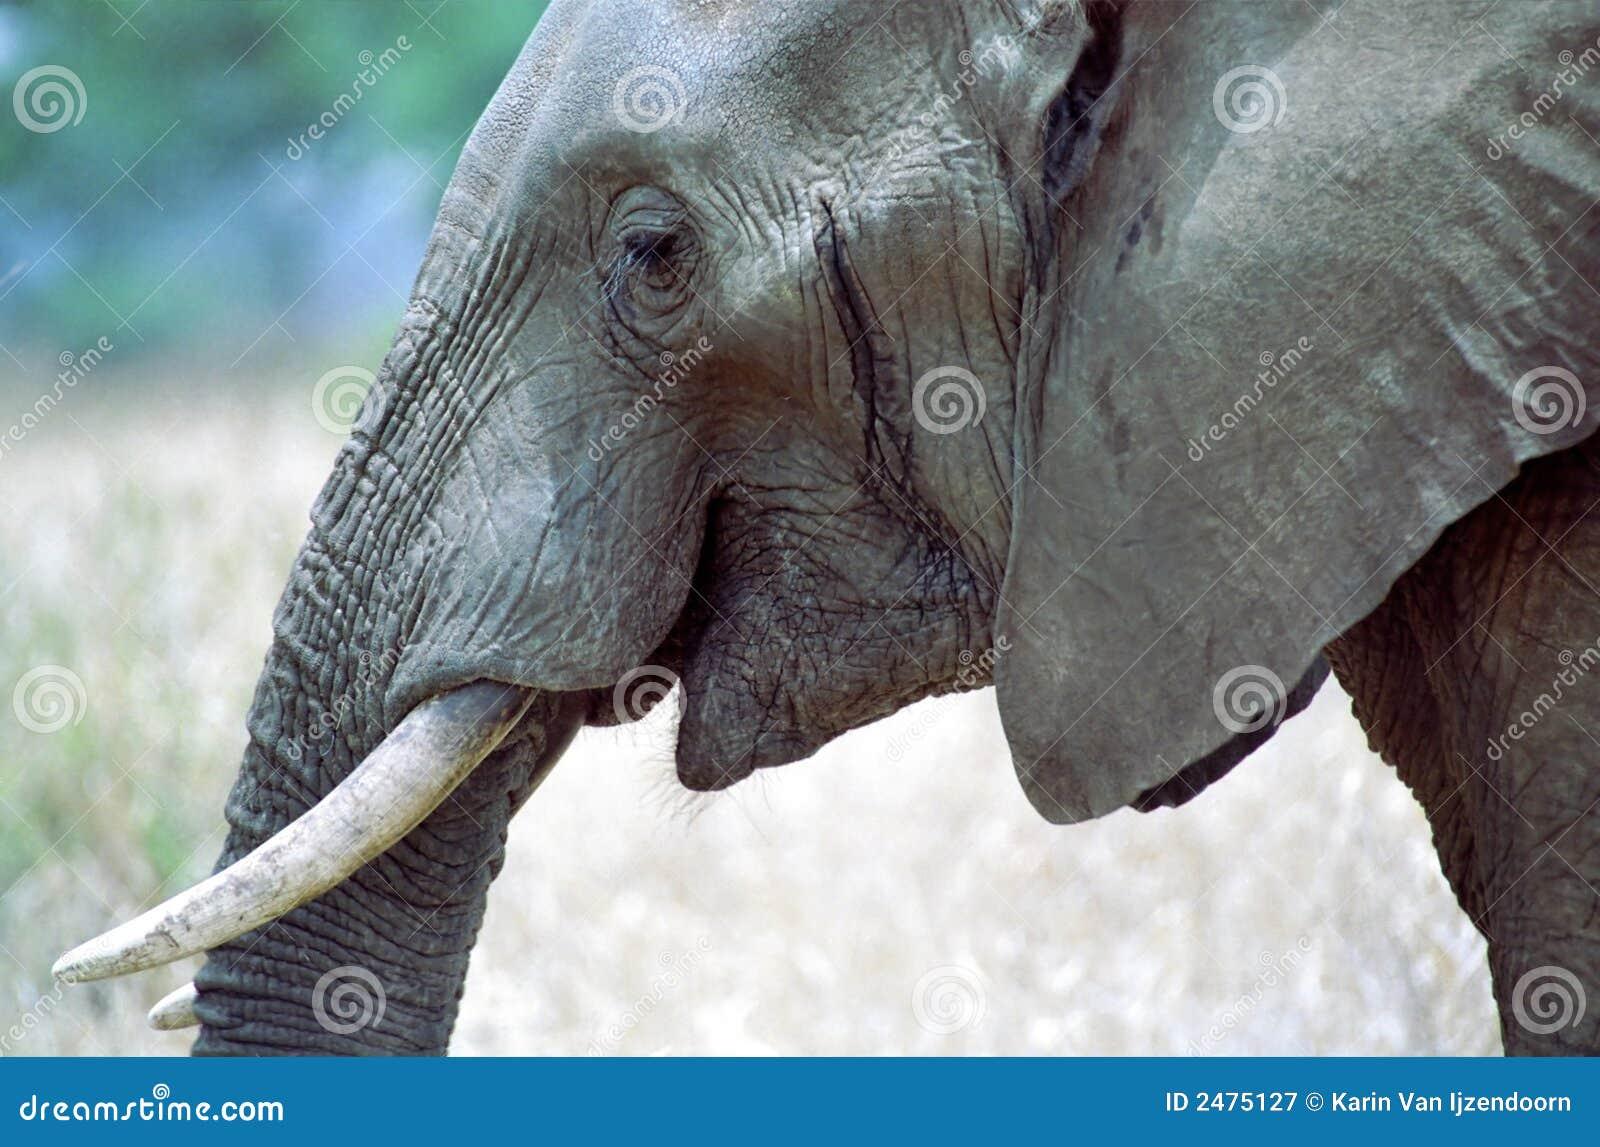 Elephant Smiling Royalty Free Stock Photography - Image ...